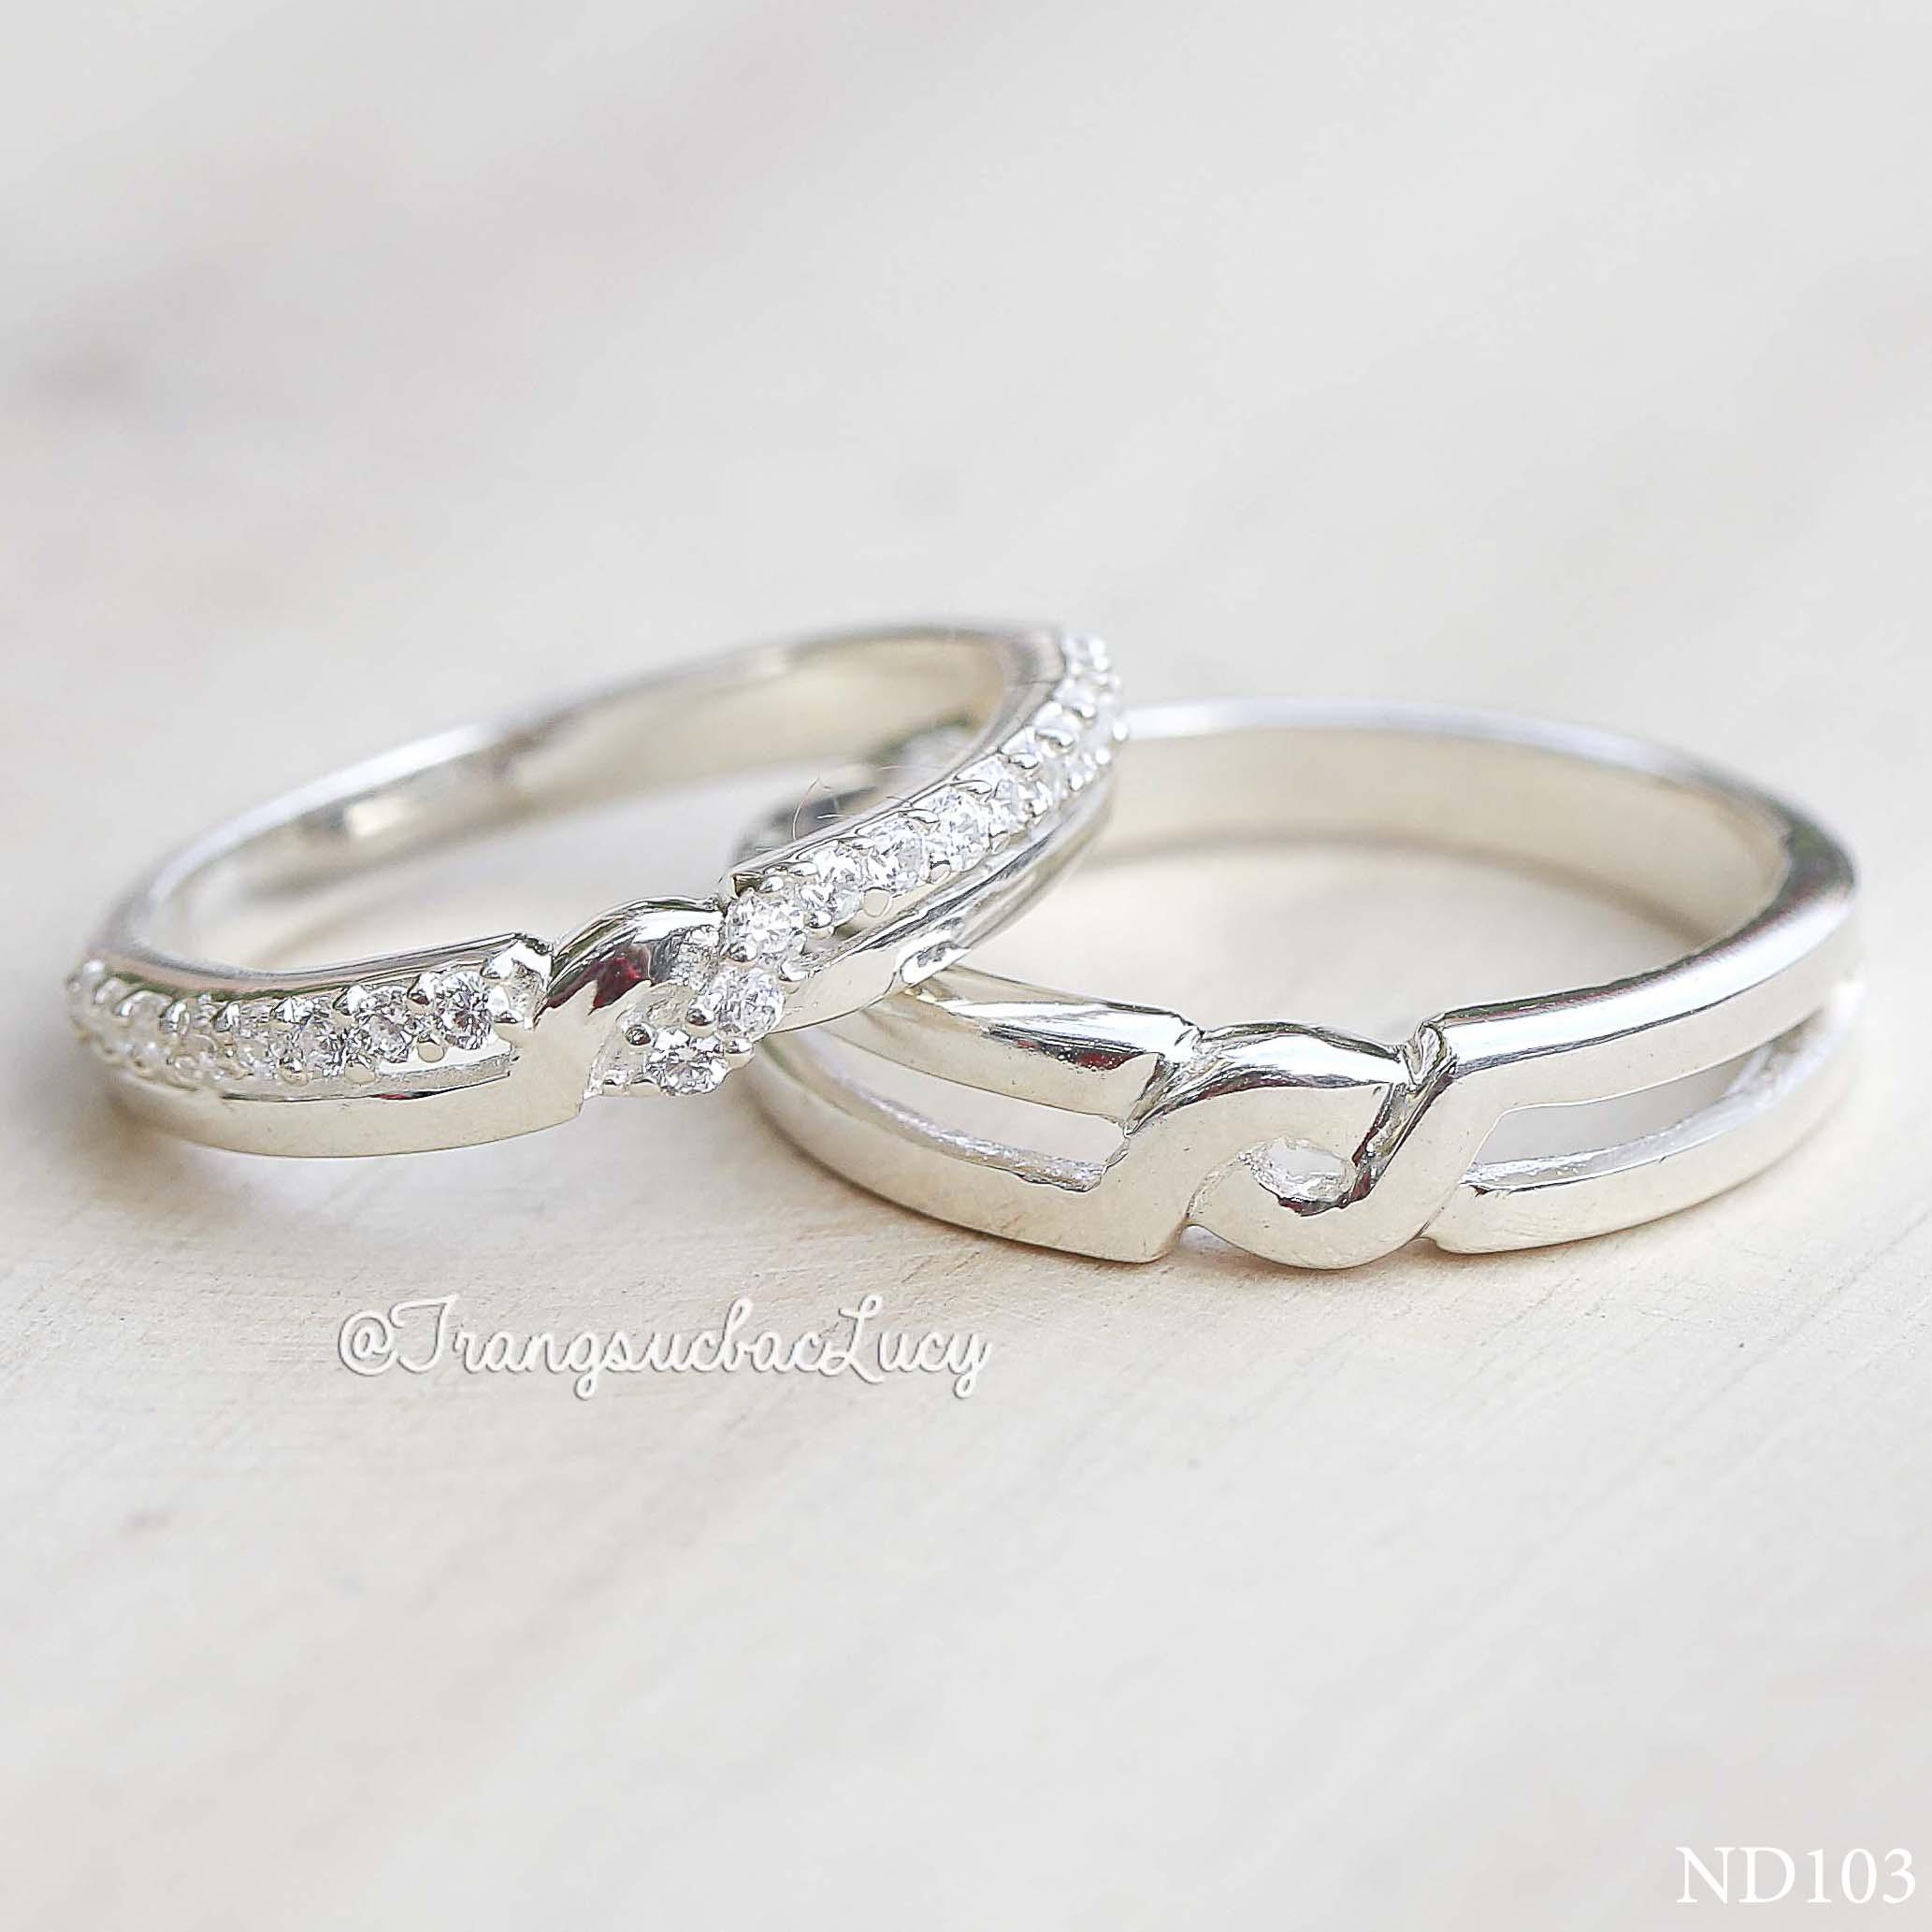 Nhẫn đôi nhẫn cặp bạc Lucy - ND103